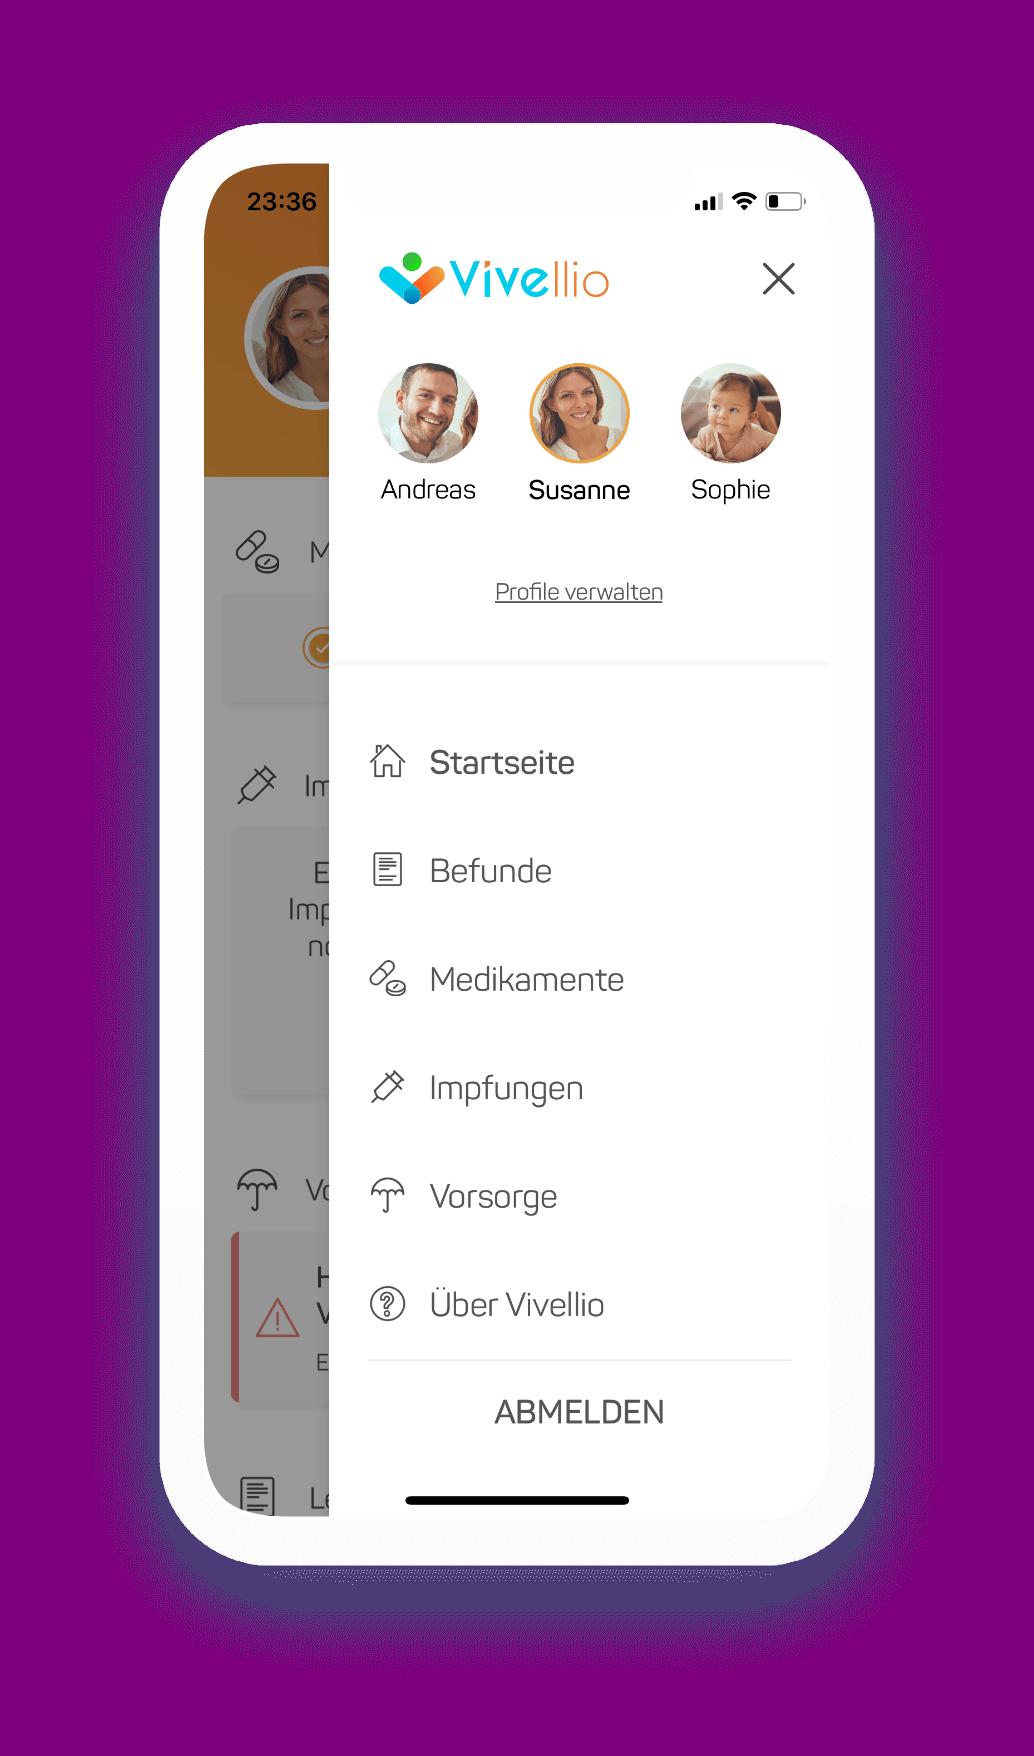 elektronische Gesundheitsakte app